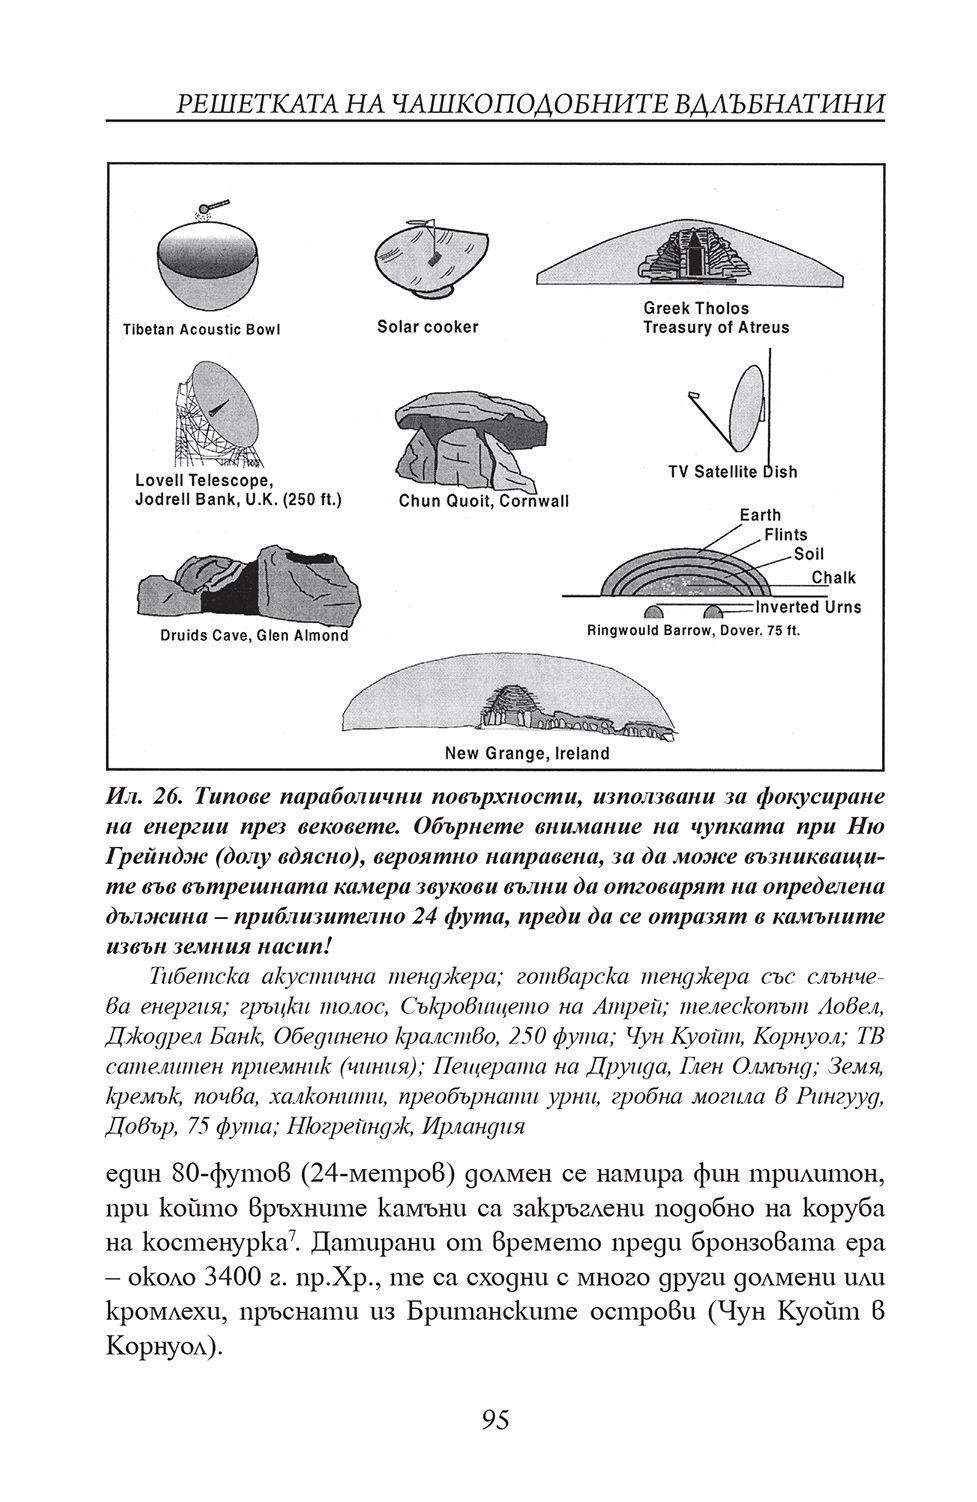 ley-linii-i-zemni-energii-1 - 2